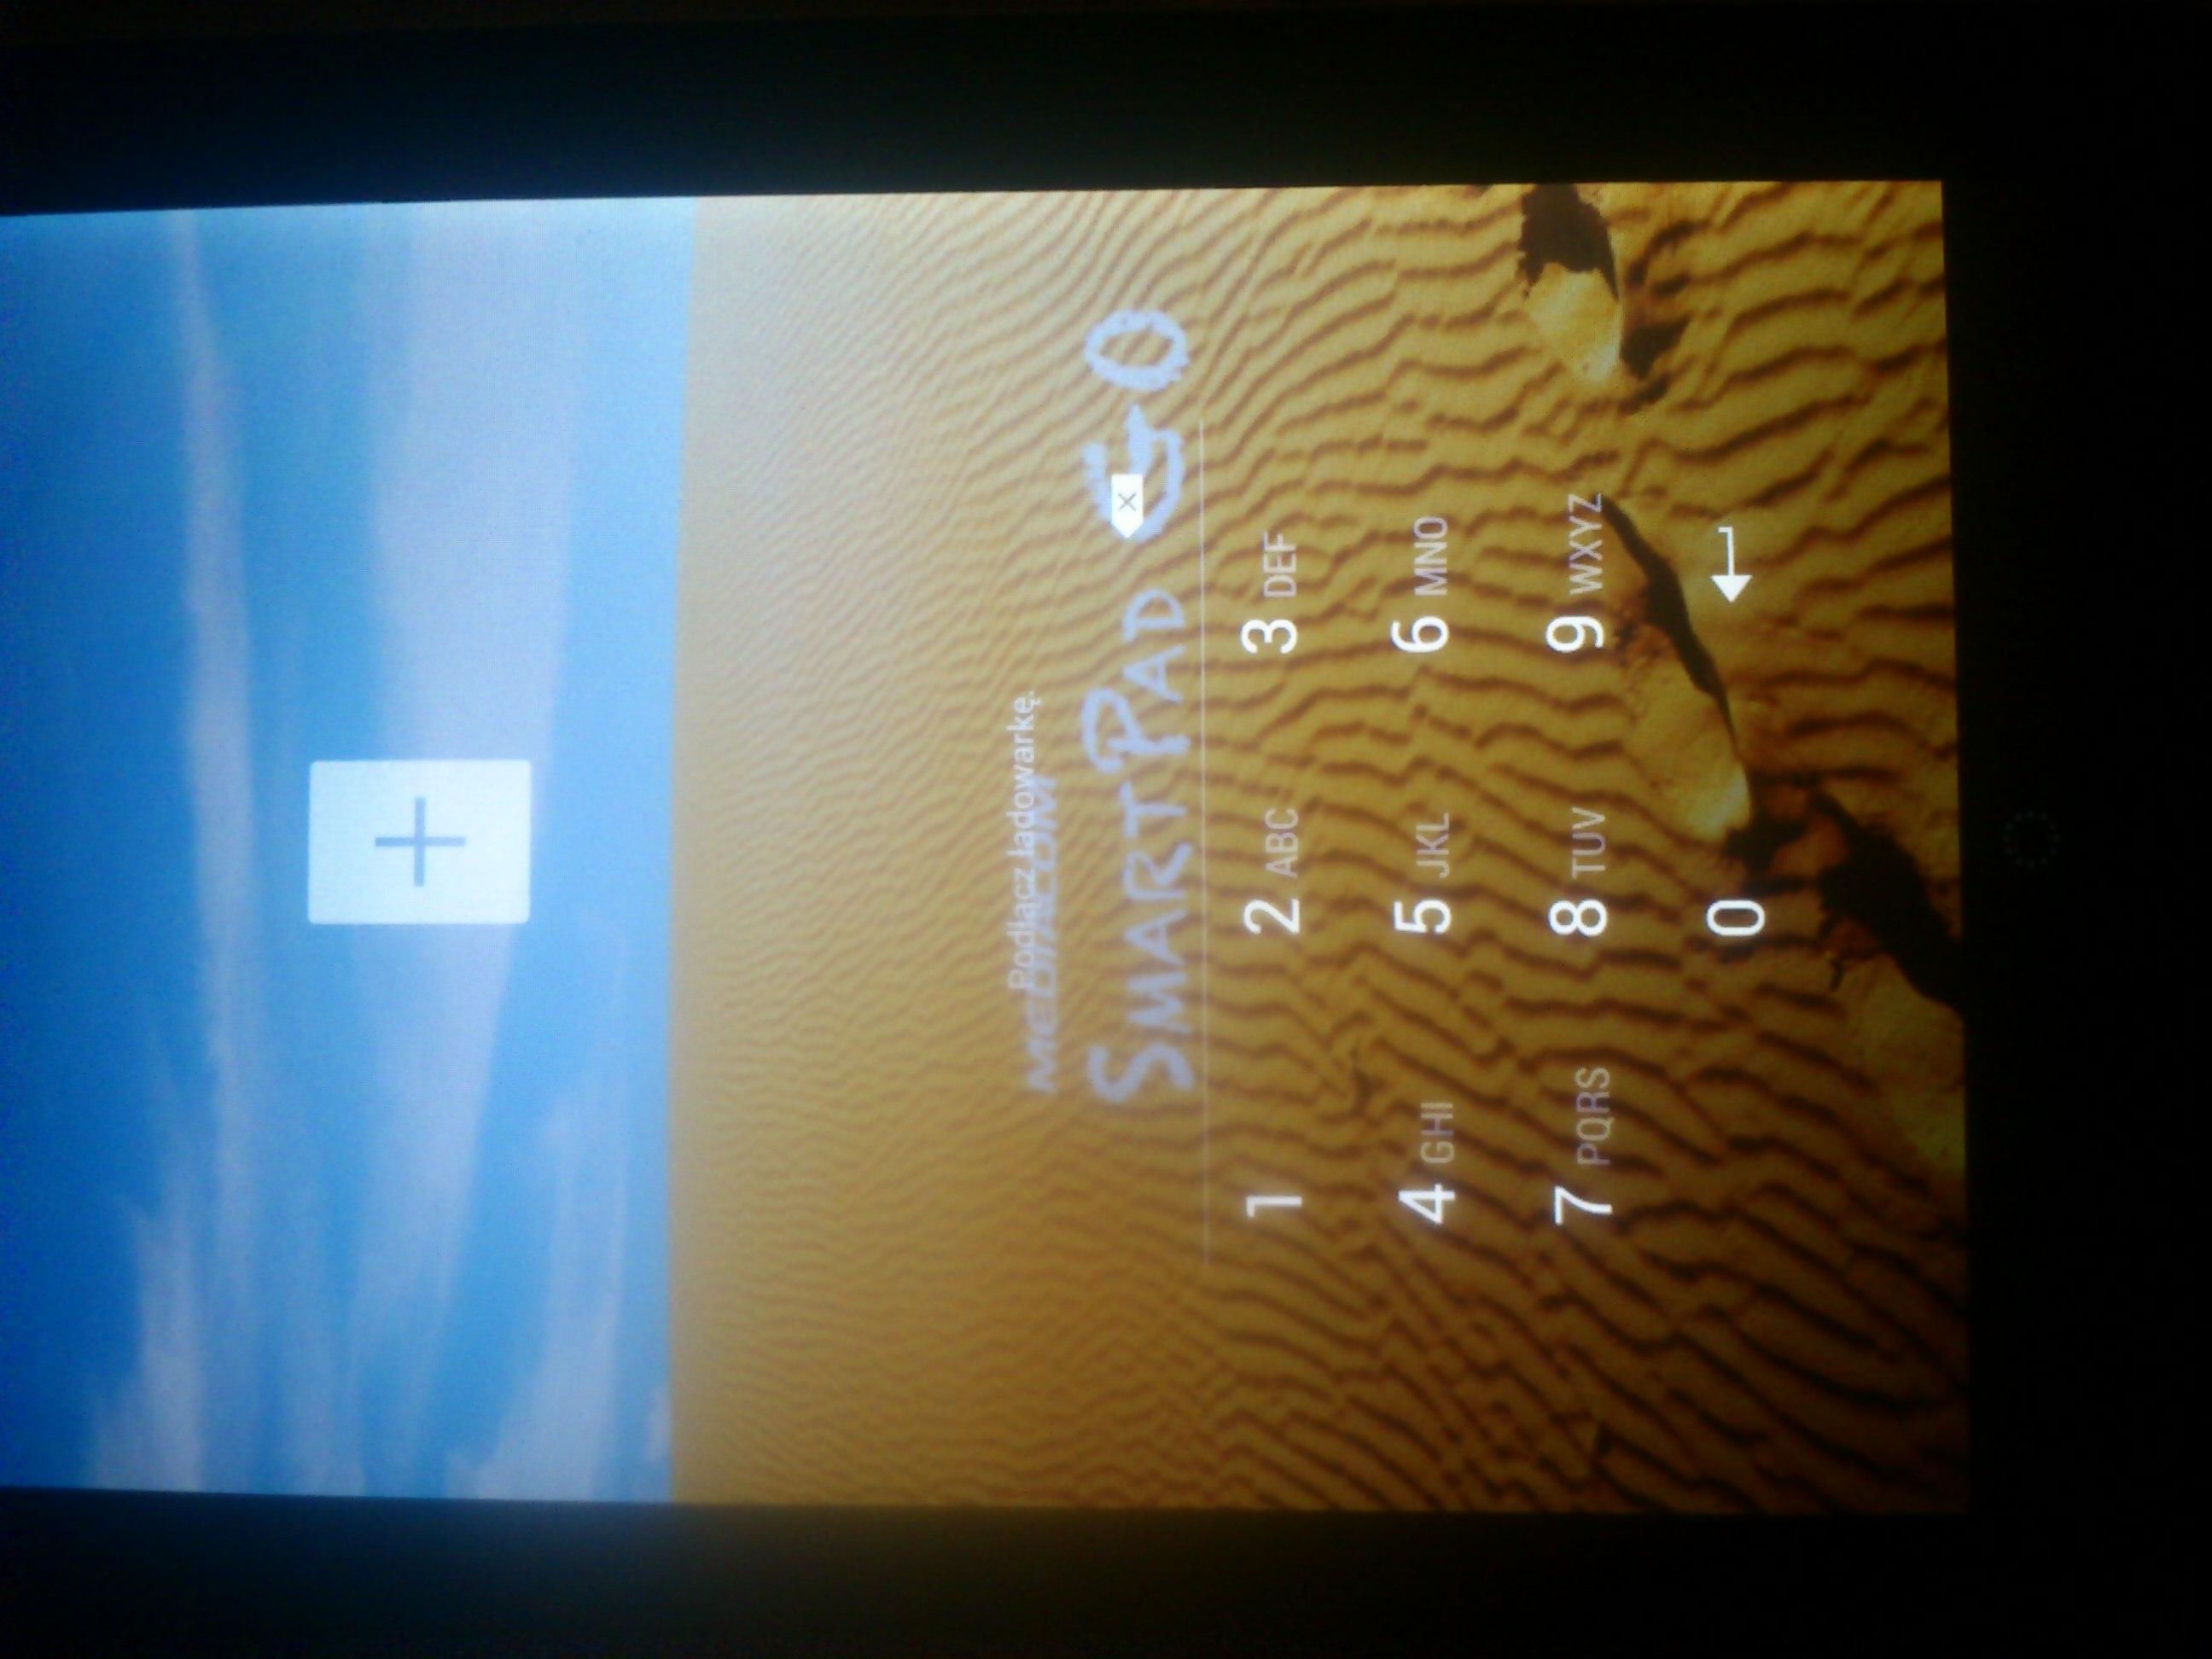 Mediacom, SmartPad go 9.0, M-M920GO